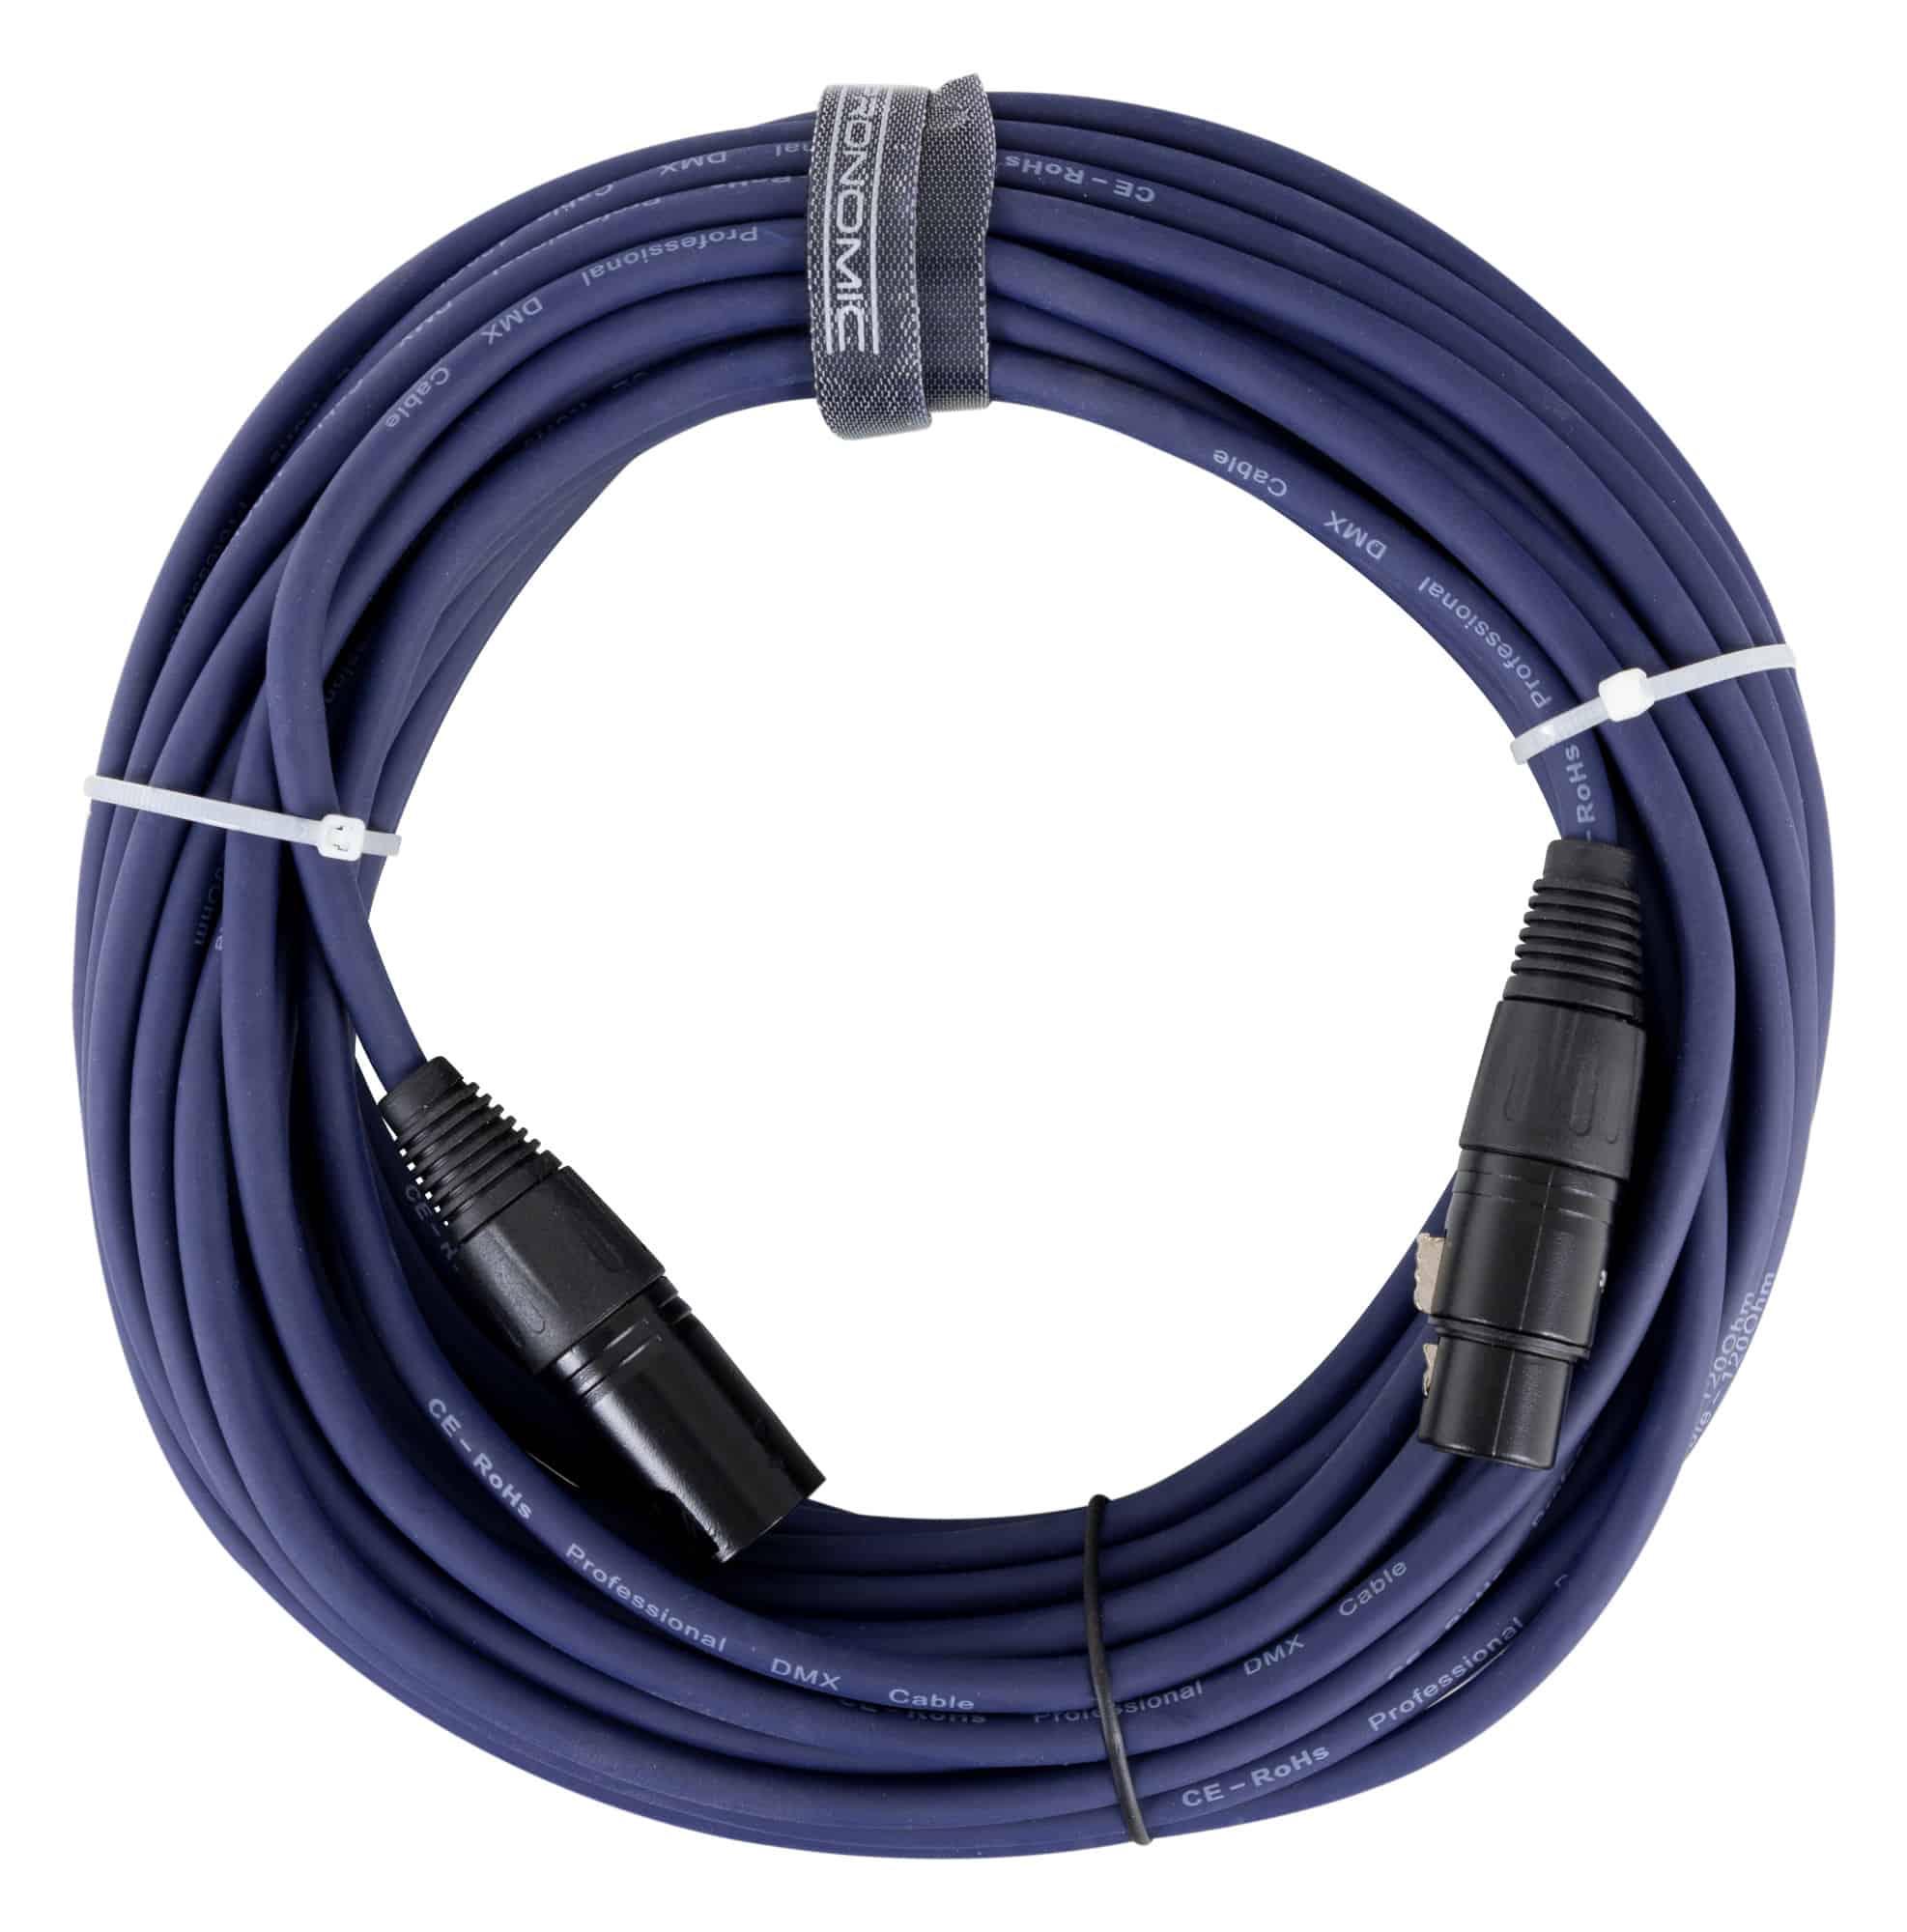 Pronomic Stage DMX3 15 DMX Kabel 15m blau mit Goldkontakten